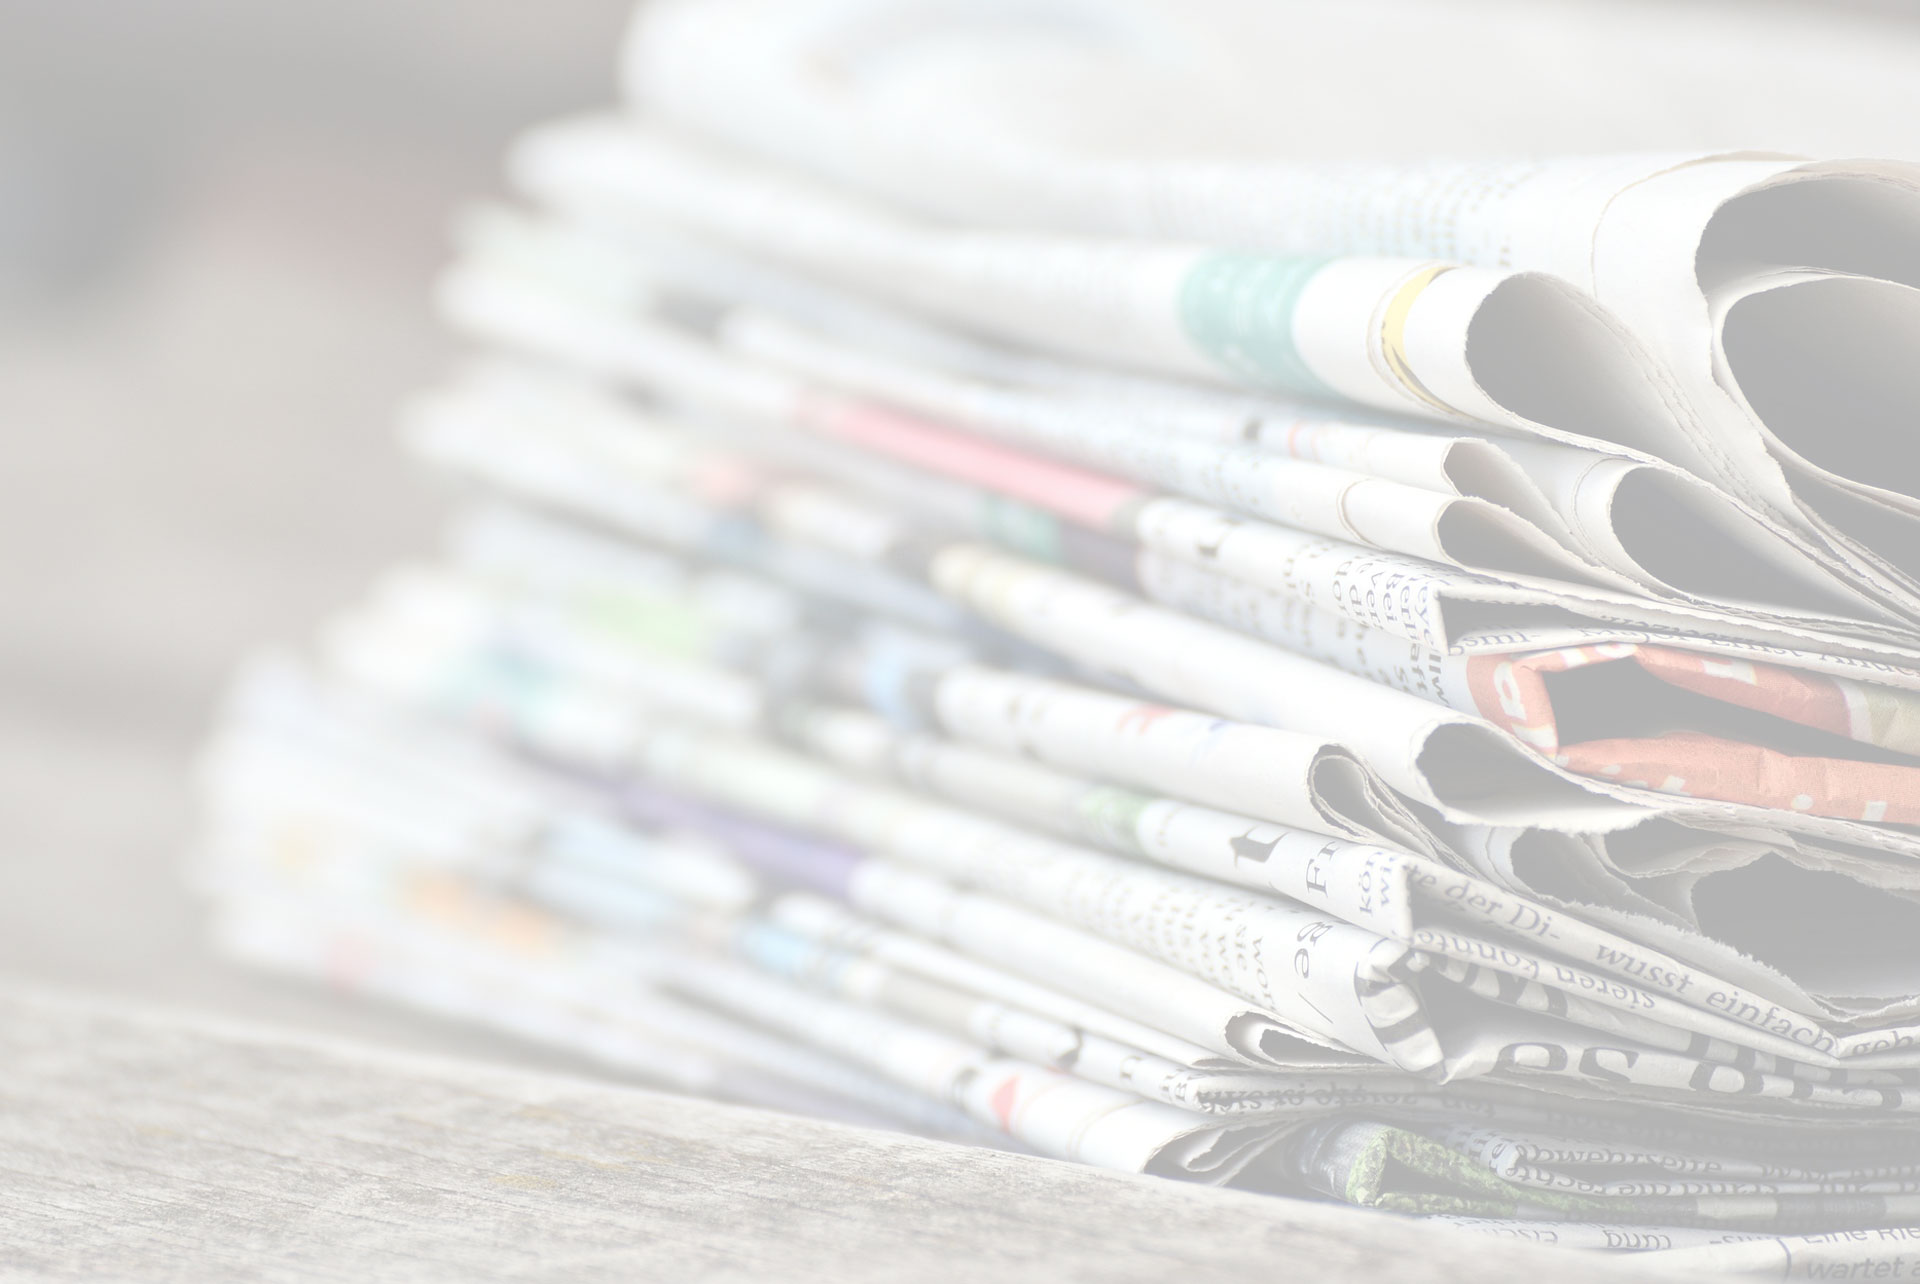 Serie A, Sampdoria-Parma 0-1. Le formazioni ufficiali di Bologna-Milan